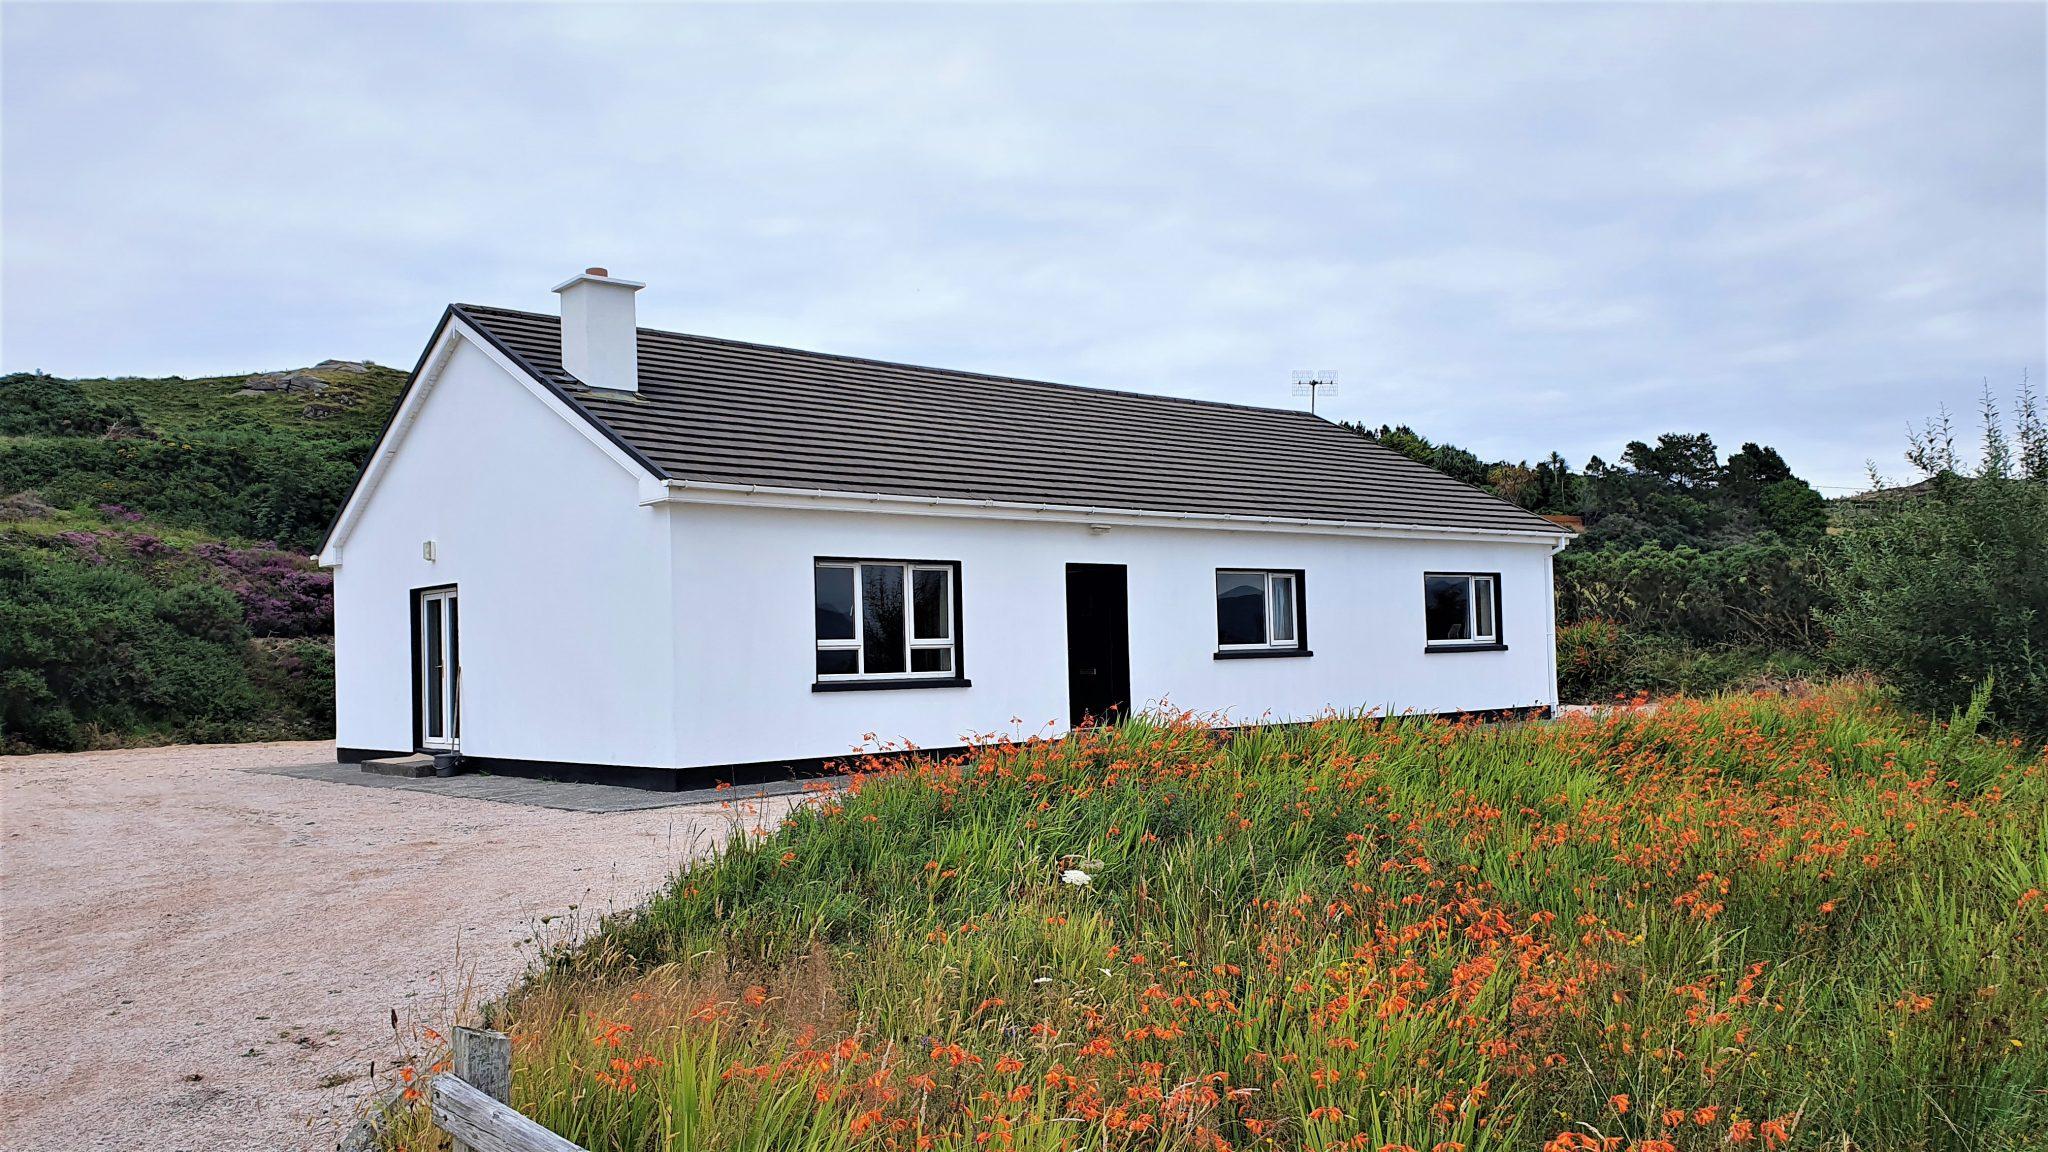 4 Bedroom Bungalow – Derryconor, Gortahork.